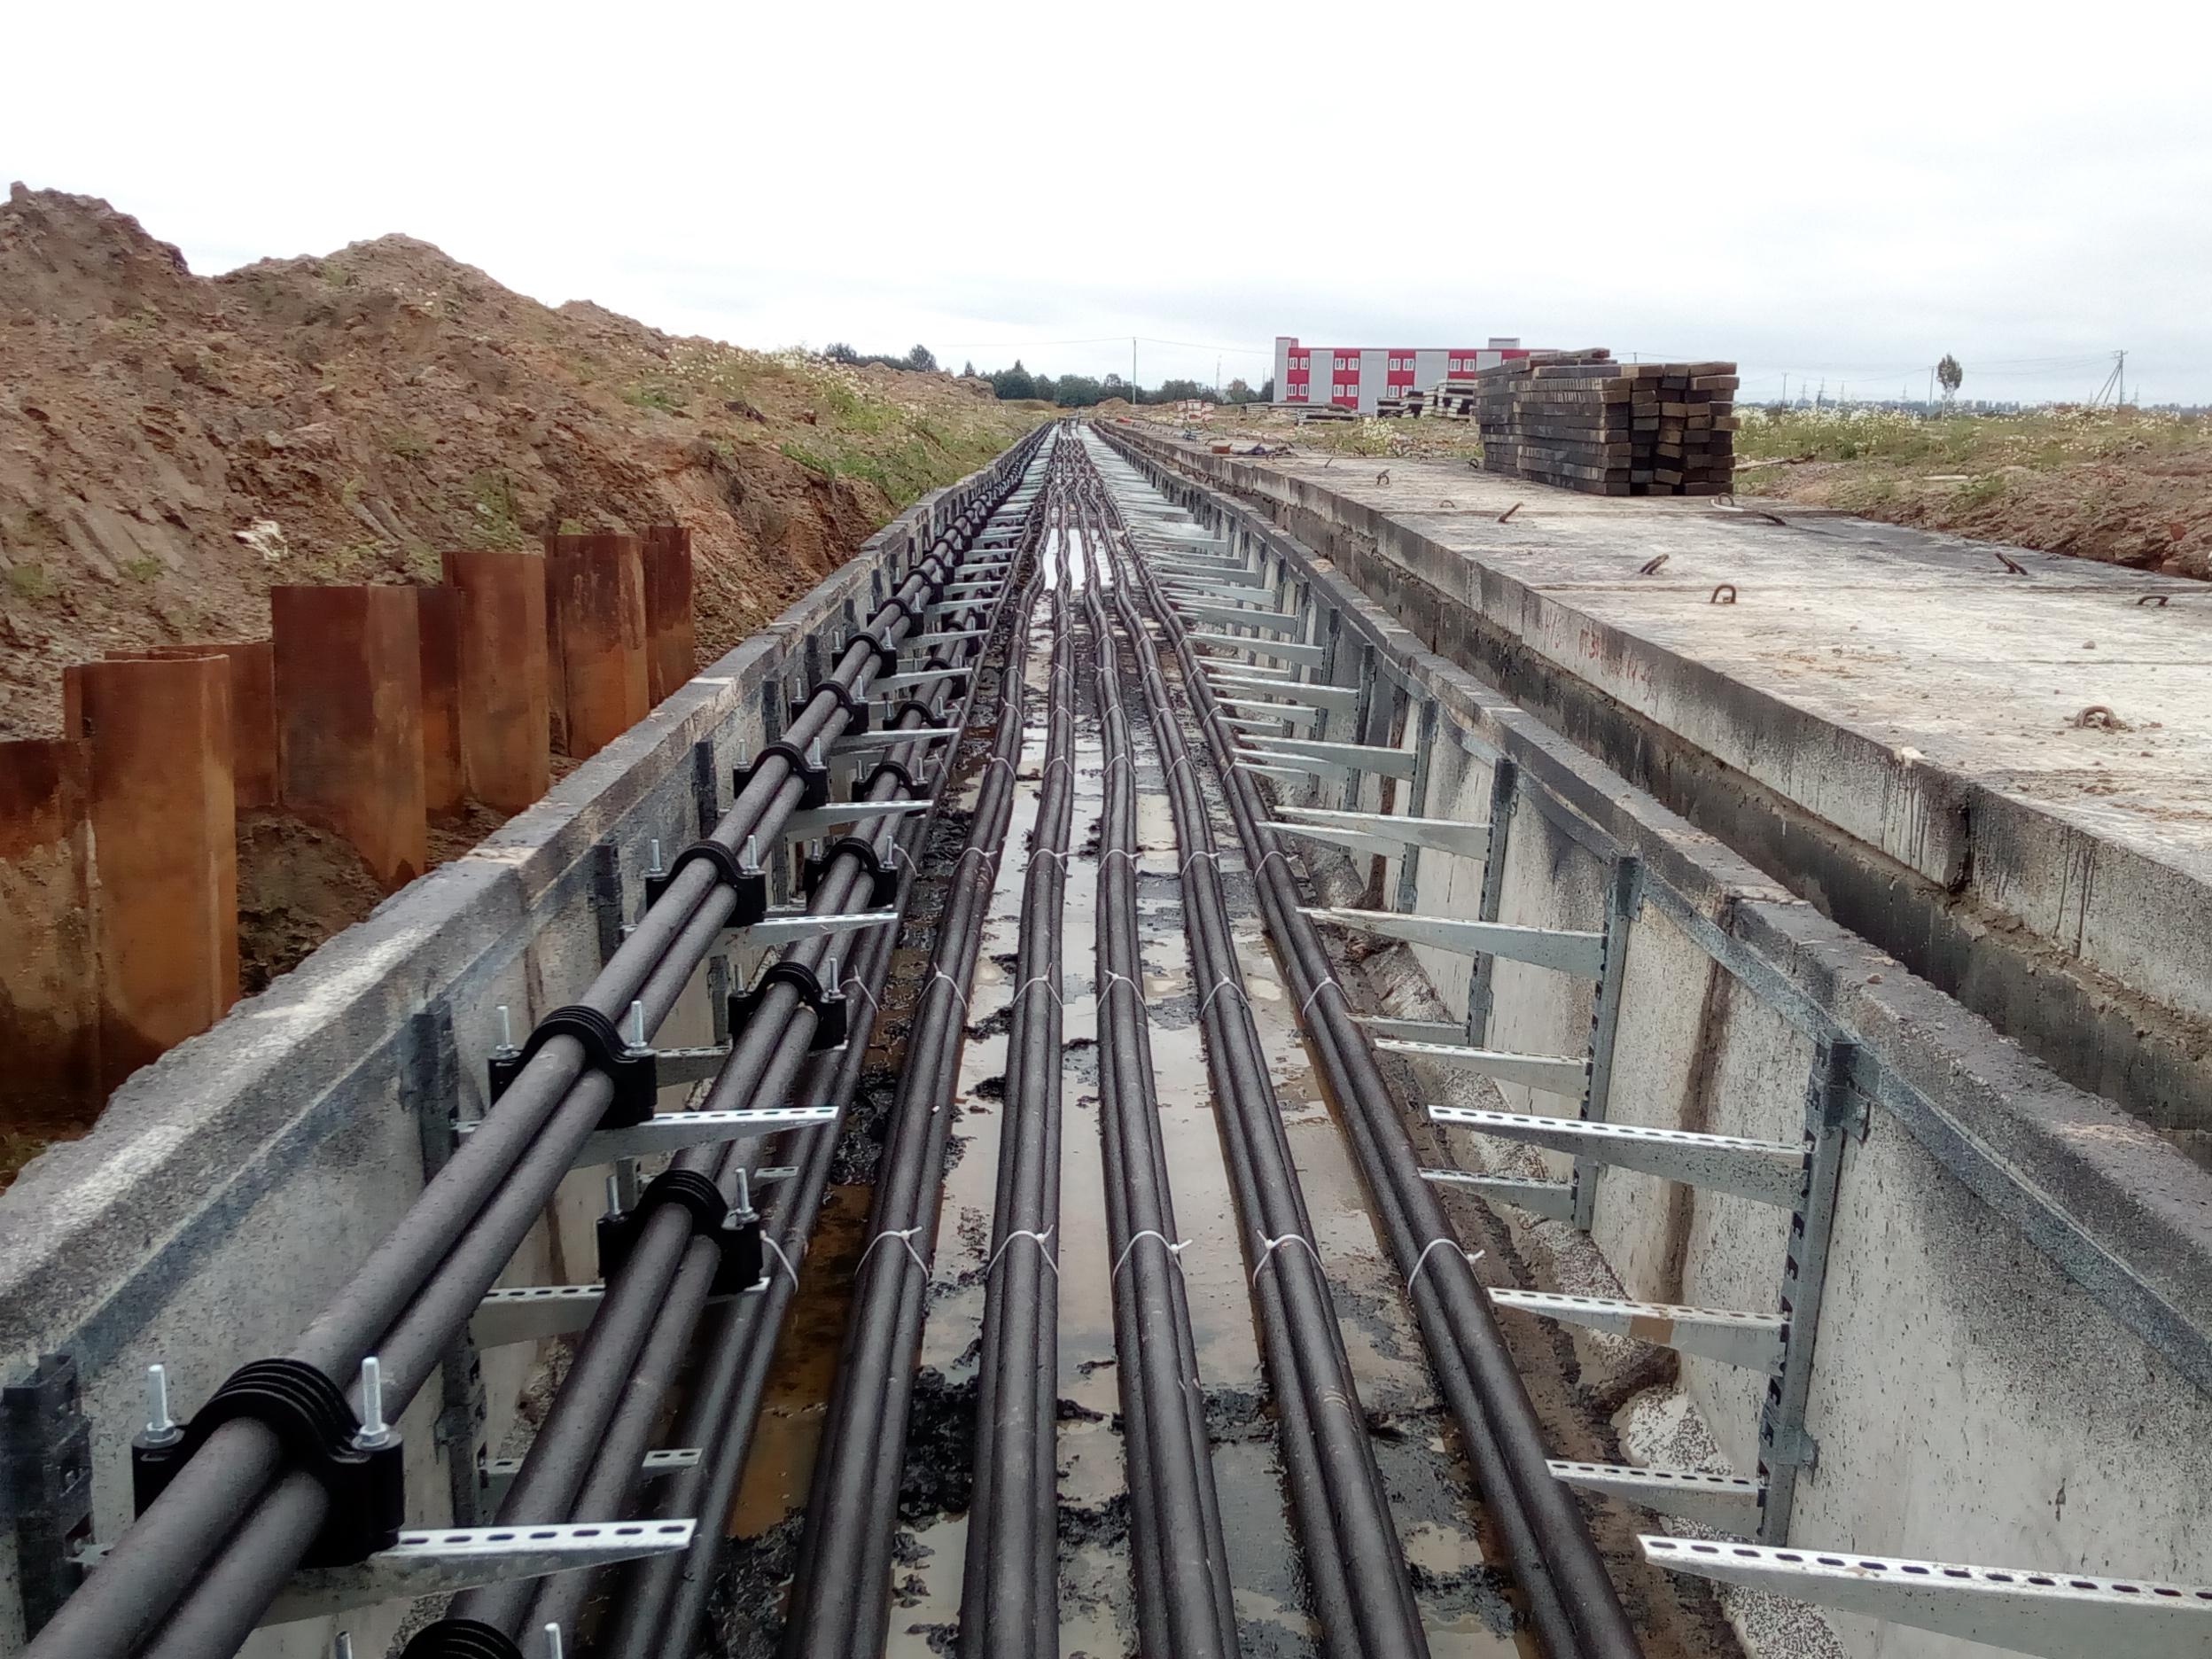 Строительство кабельной трассы для обеспечения электроэнергией жилых кварталов Санкт-Петербурга